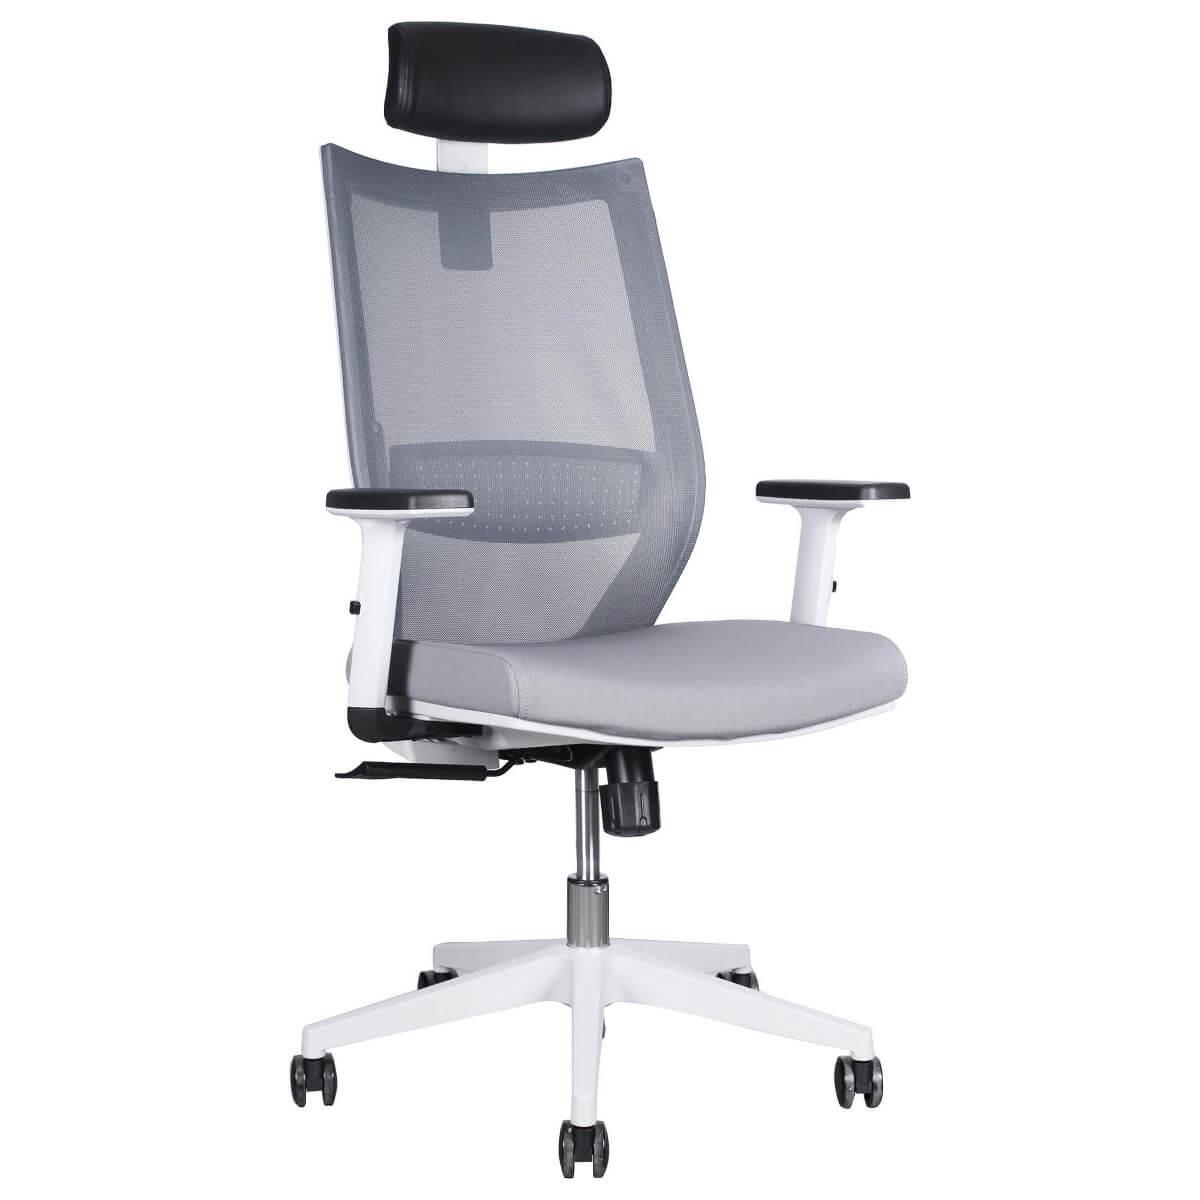 Silla ergonómica de escritorio certificada